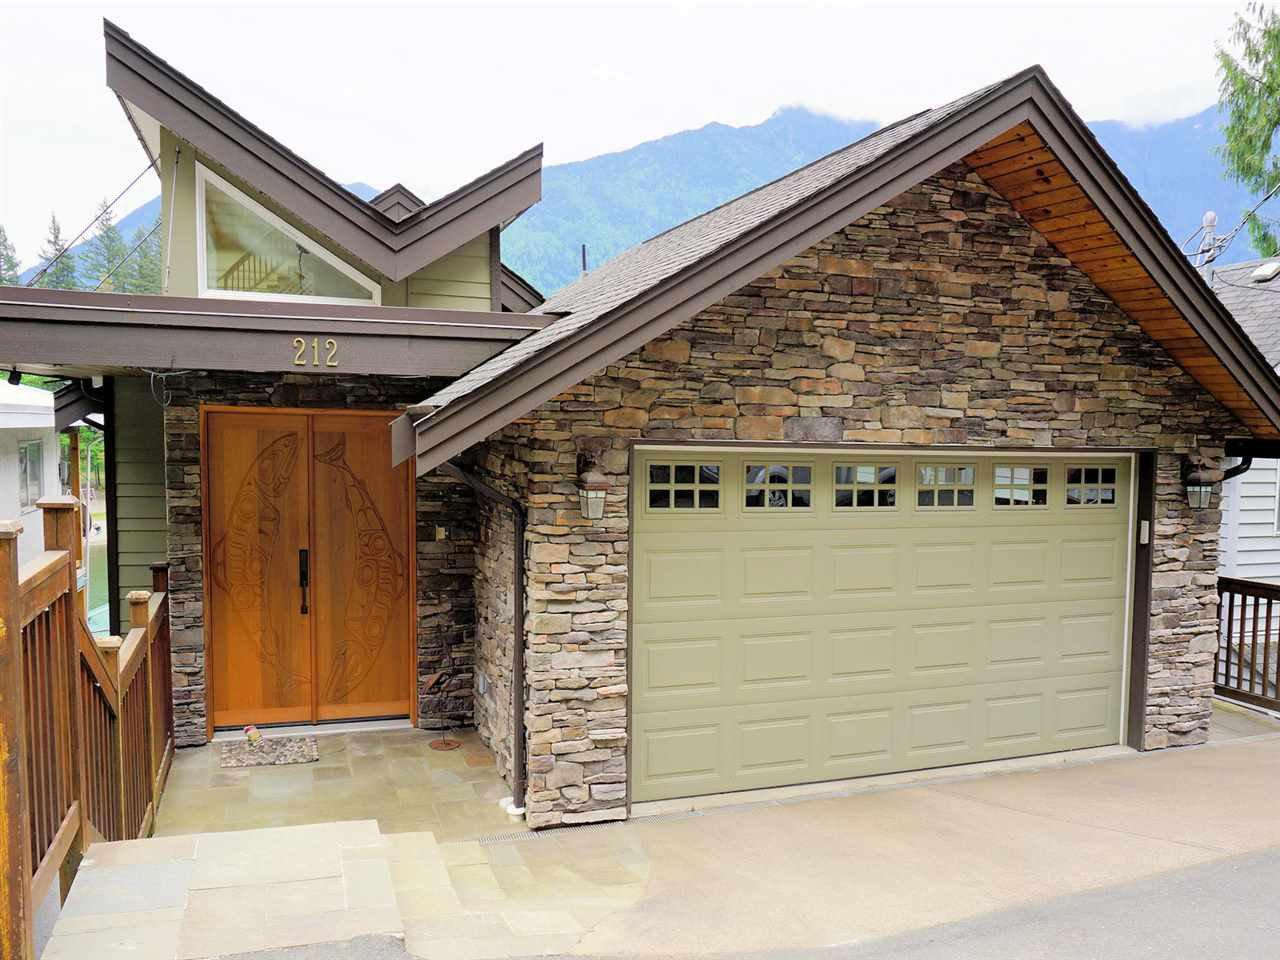 """Main Photo: 212 LAKESHORE Drive: Cultus Lake House for sale in """"CULTUS LAKE CULTUS"""" : MLS®# R2066699"""